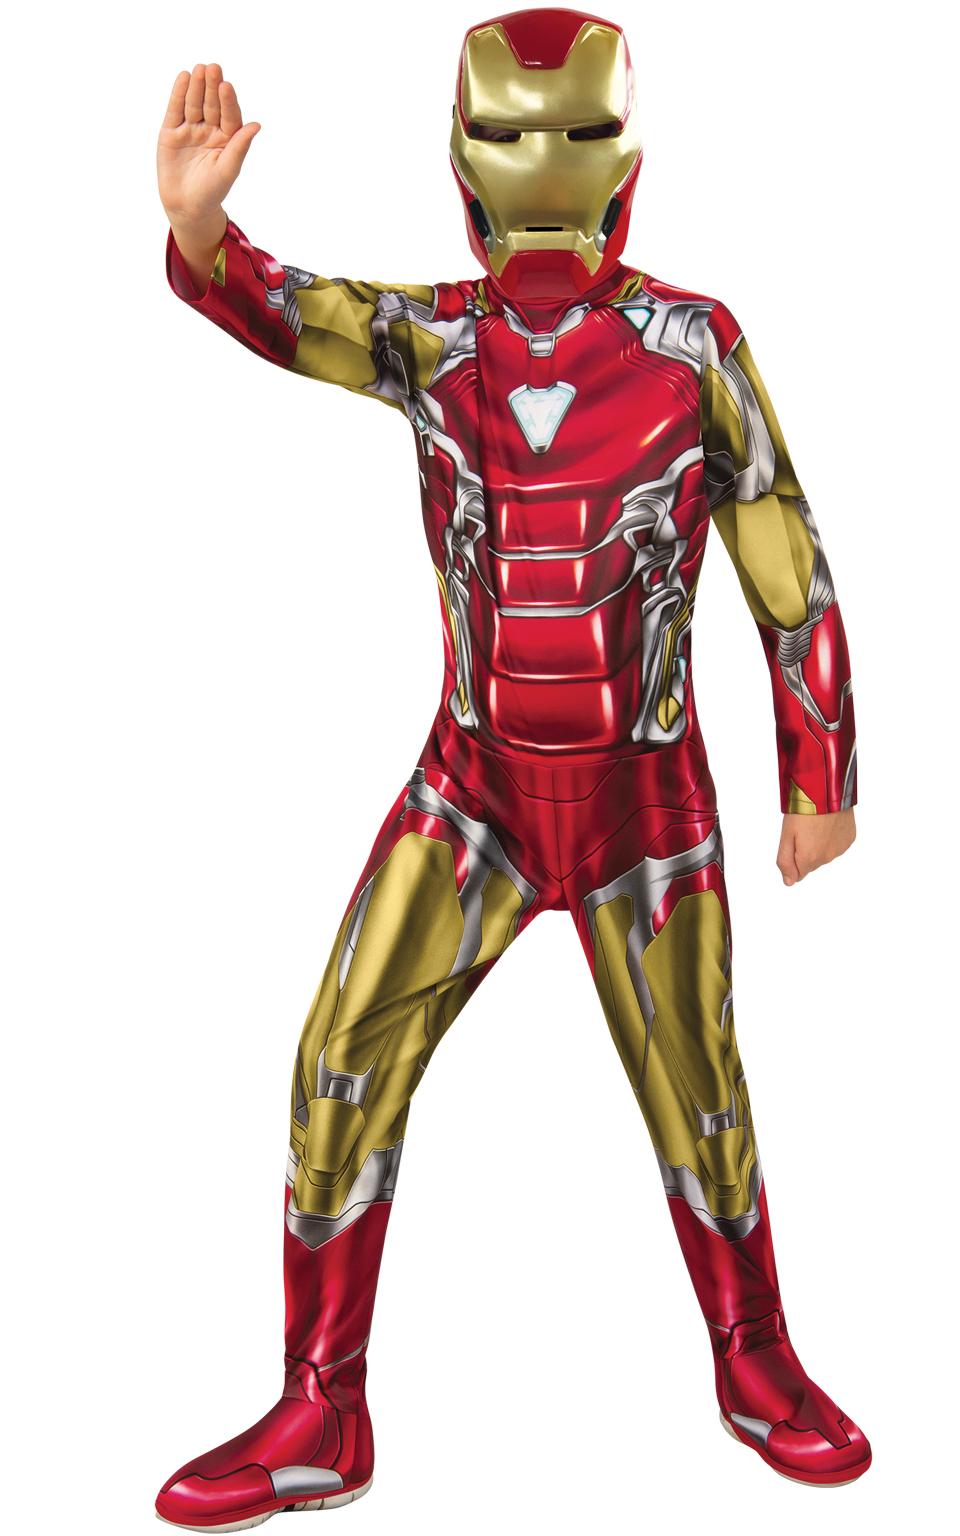 Deluxe Hulk Boys Fancy Dress Avengers Endgame Superhero Kids Comic Book Costume